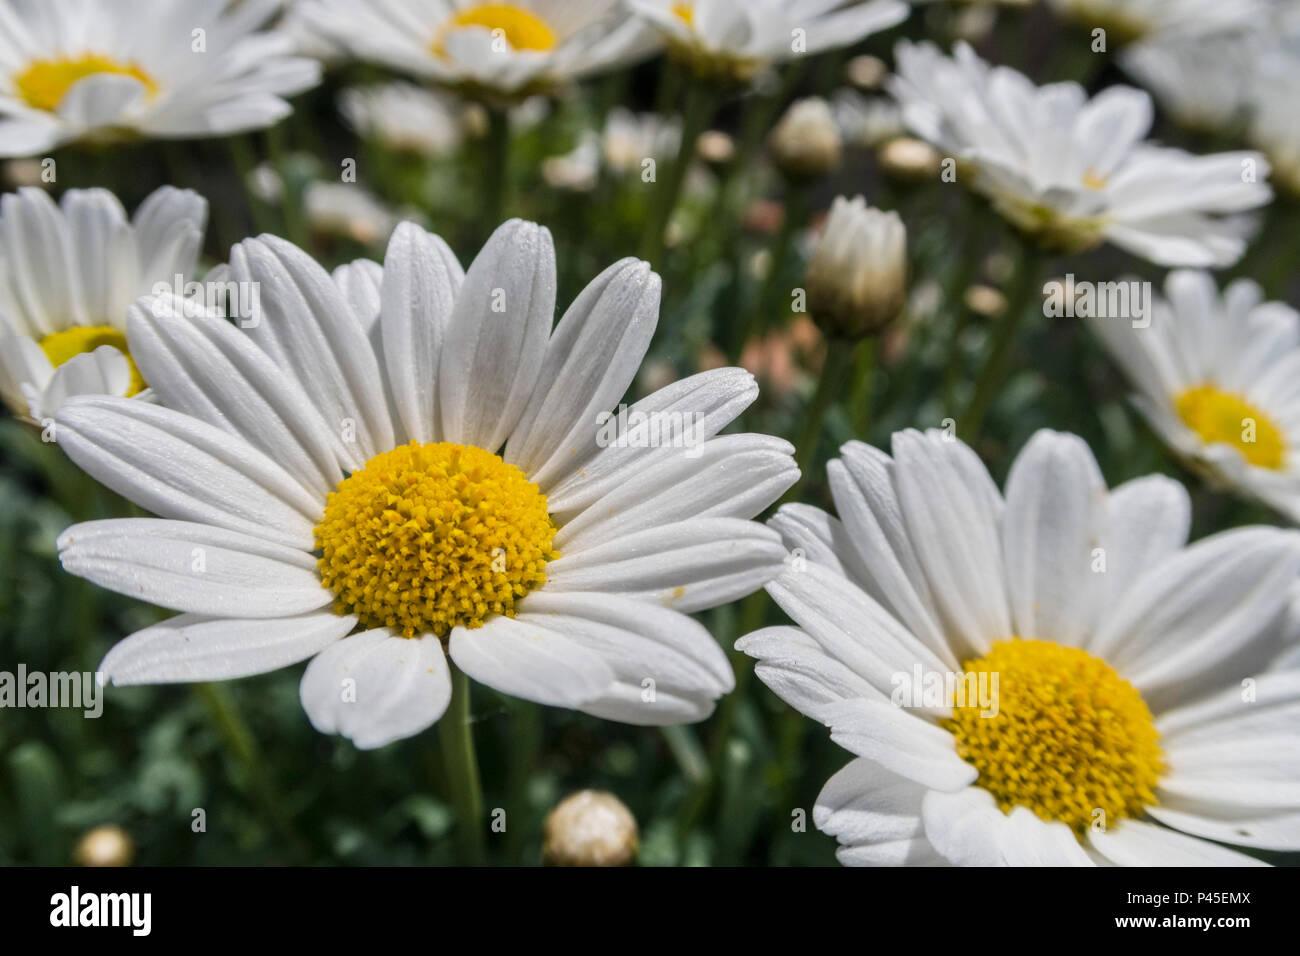 Marguerites,  argyranthemum, a white flowering member of the Aster family.marguerite. - Stock Image